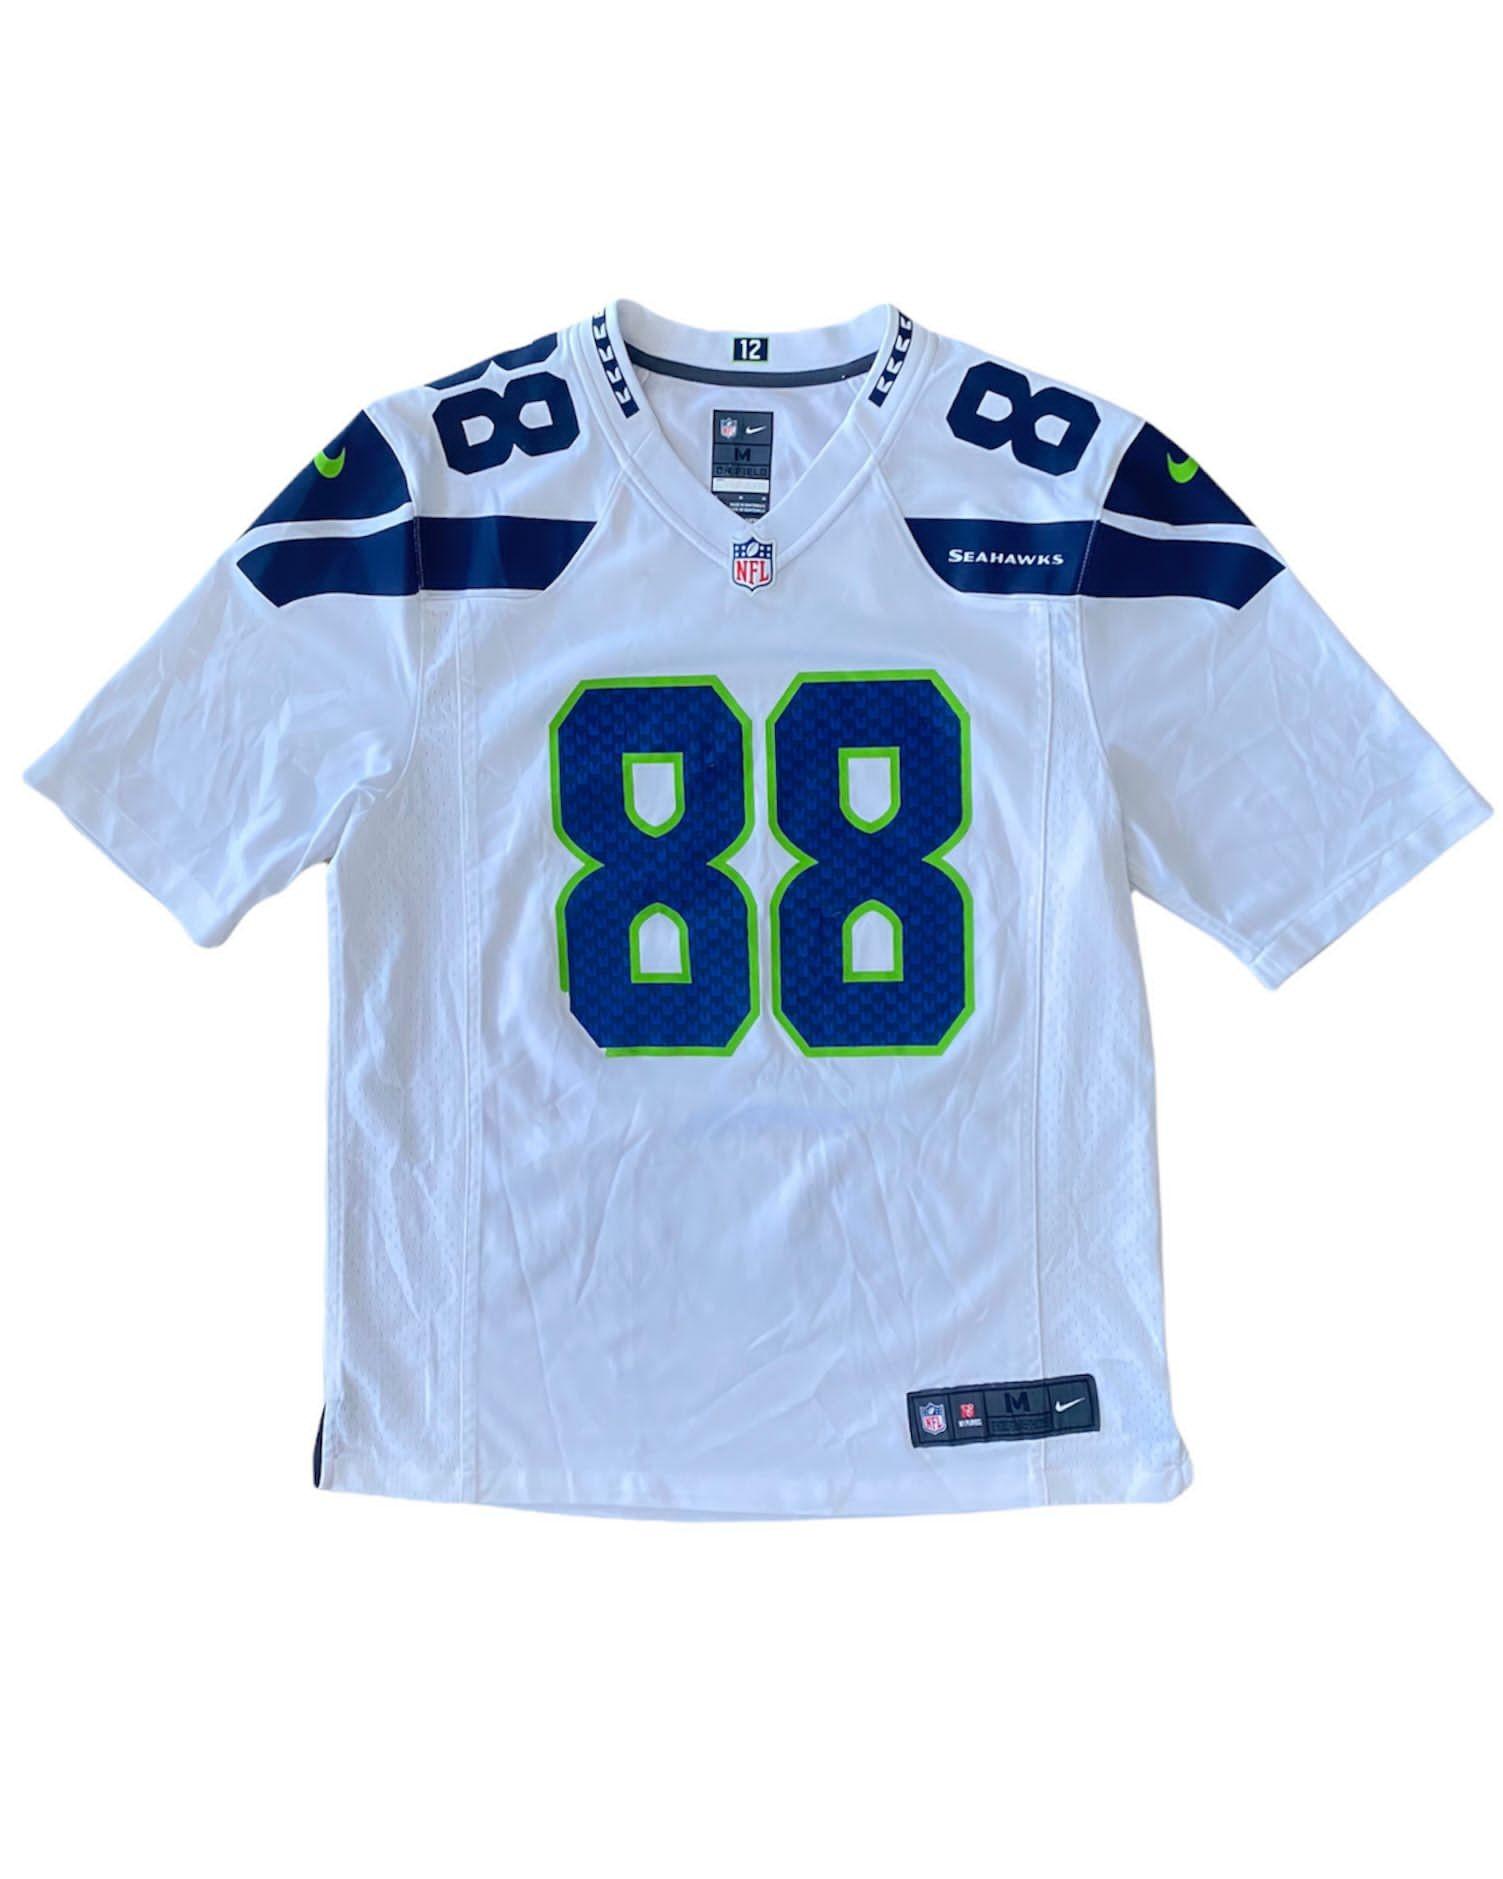 Nike NFL Seattle Seahawks Jersey (M)